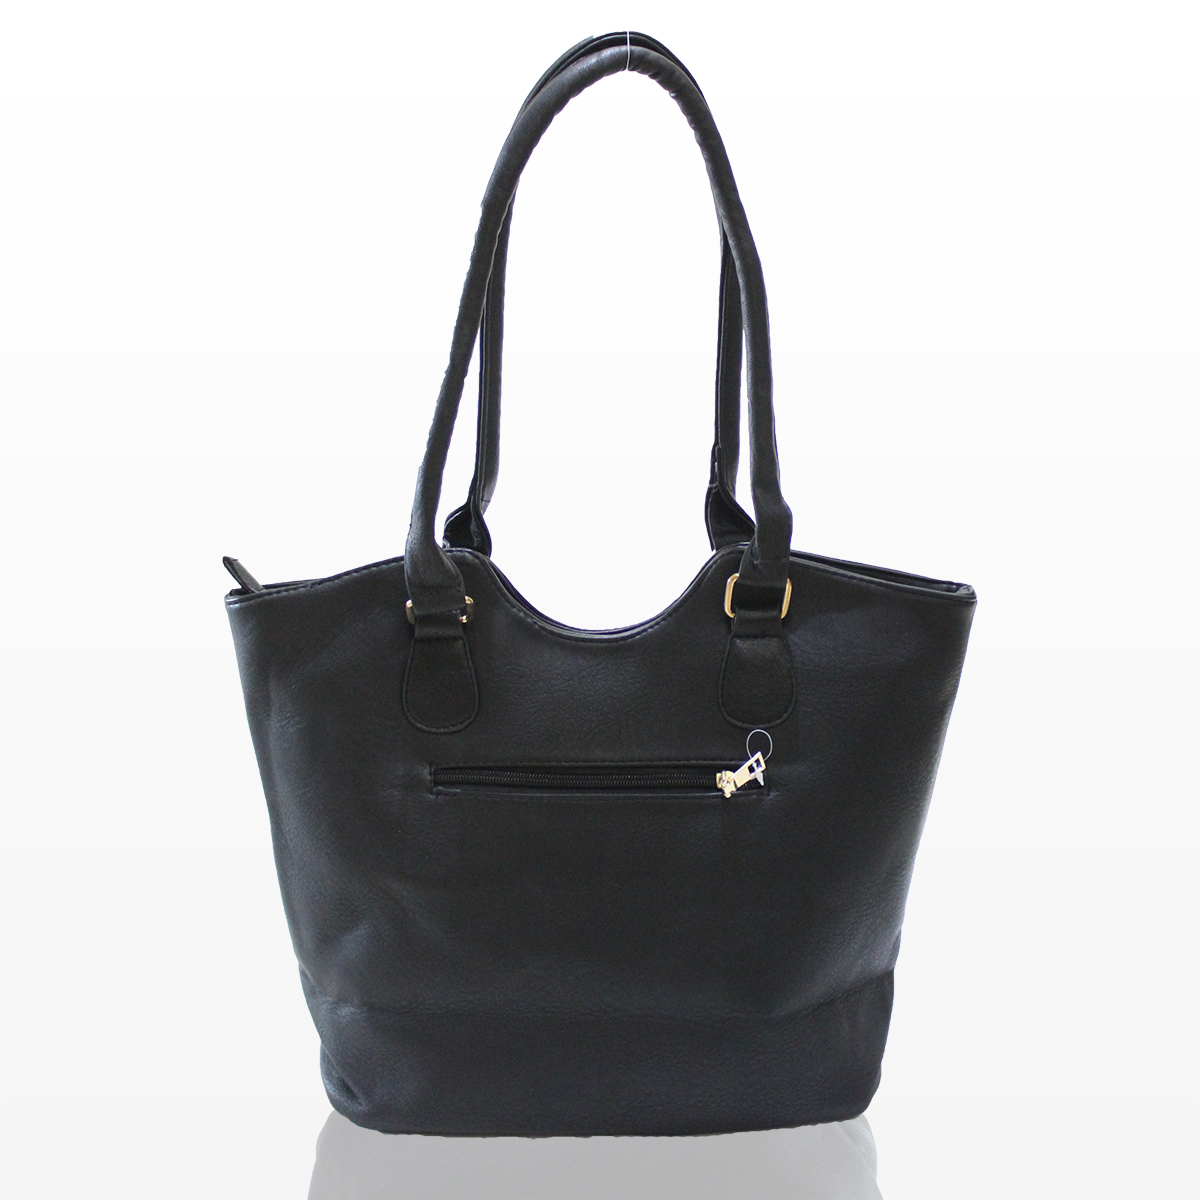 Дамска чанта Рони - черна Снимка 2 от 2